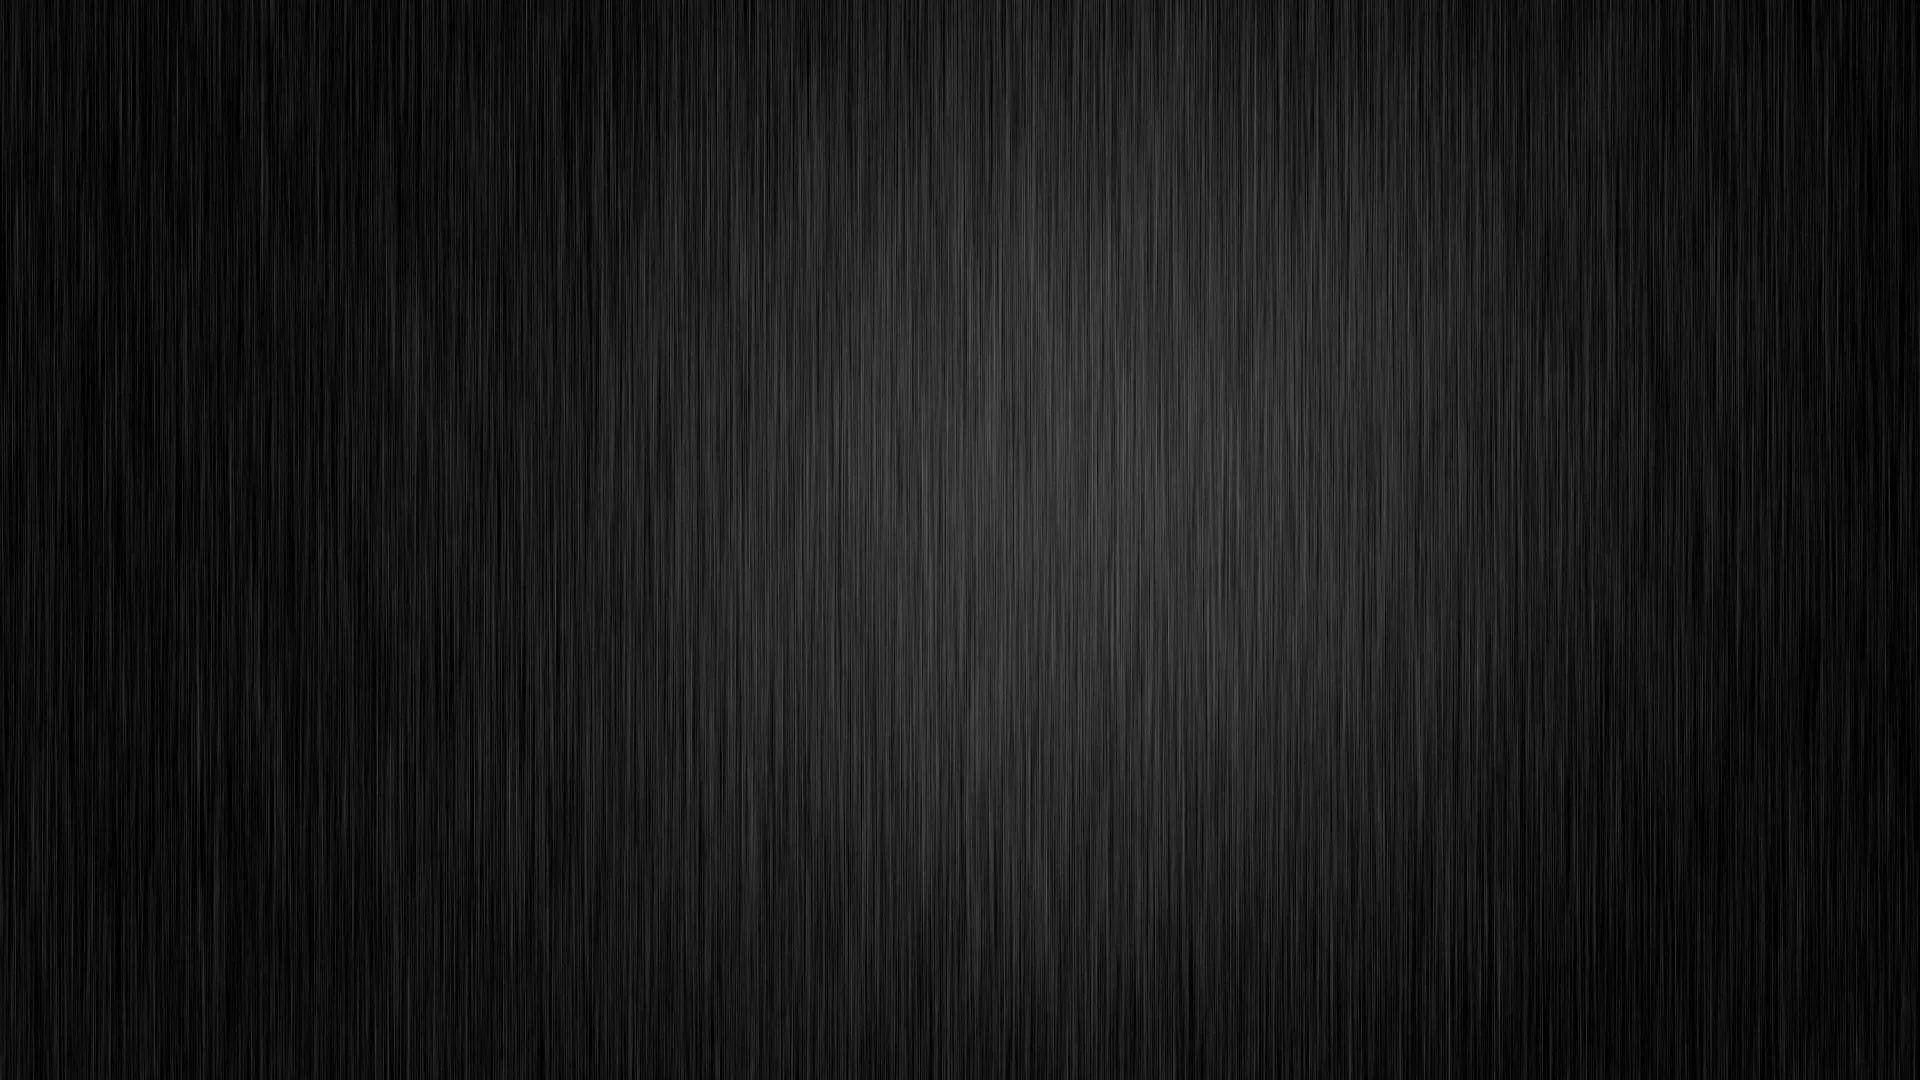 Black Screen wallpaper image